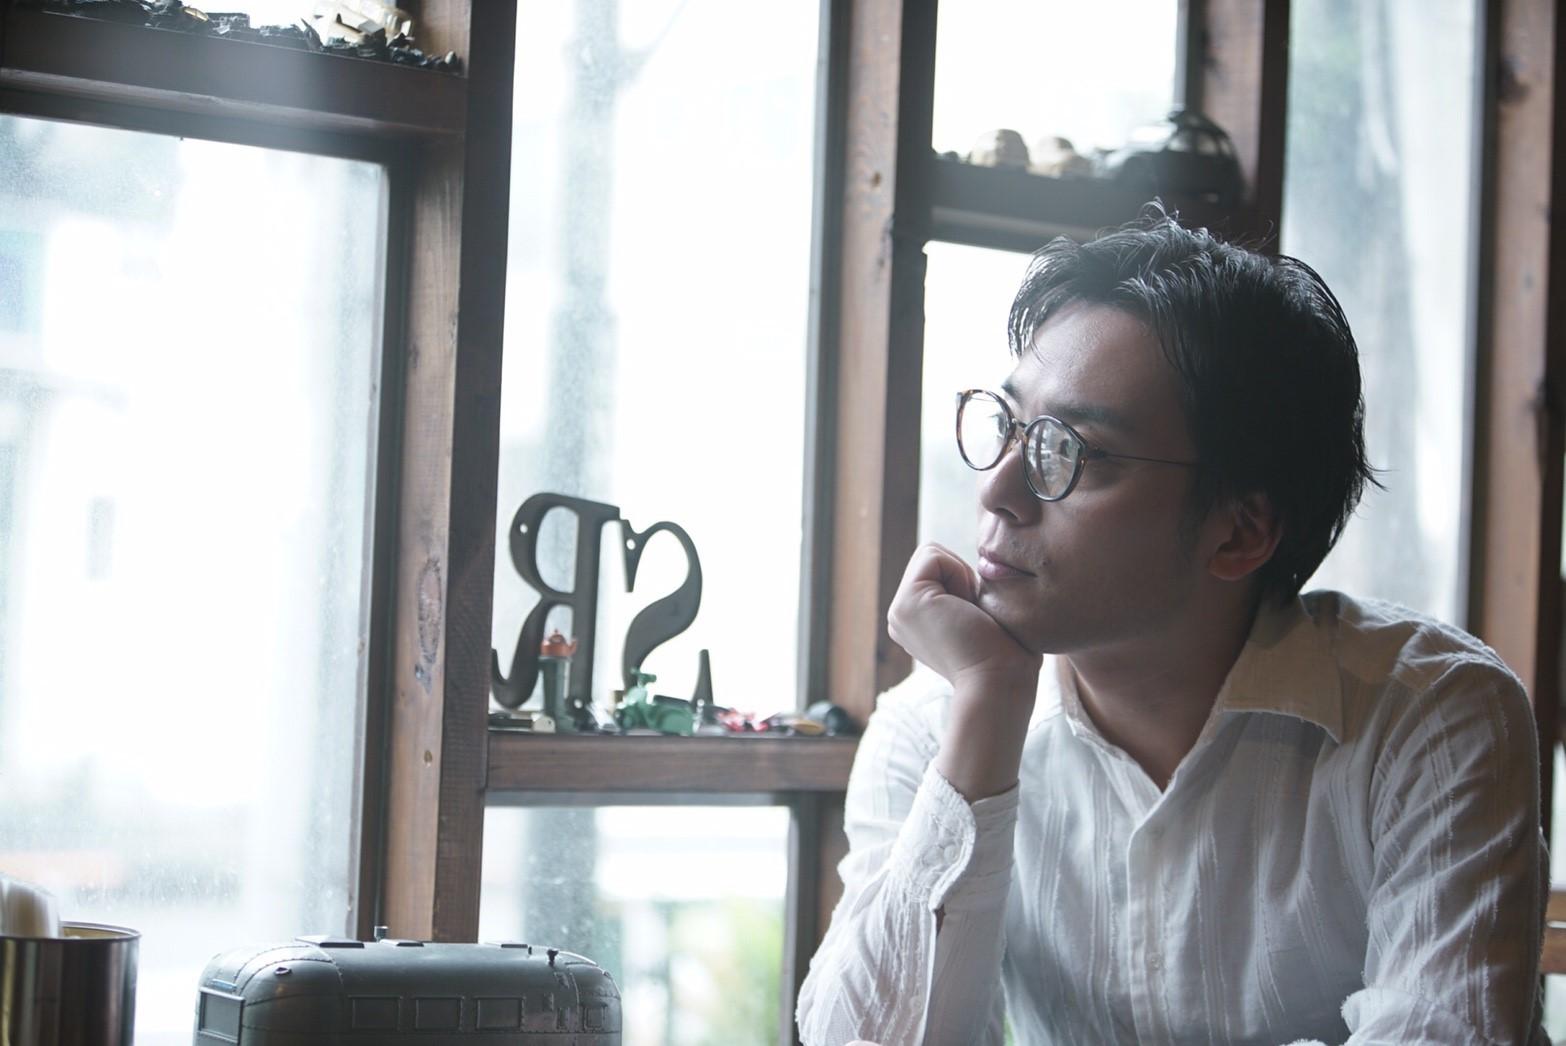 muevoディレクター三浦の挑戦!『アースデイ東京2019』で歌い、その投げ銭を集めたい!